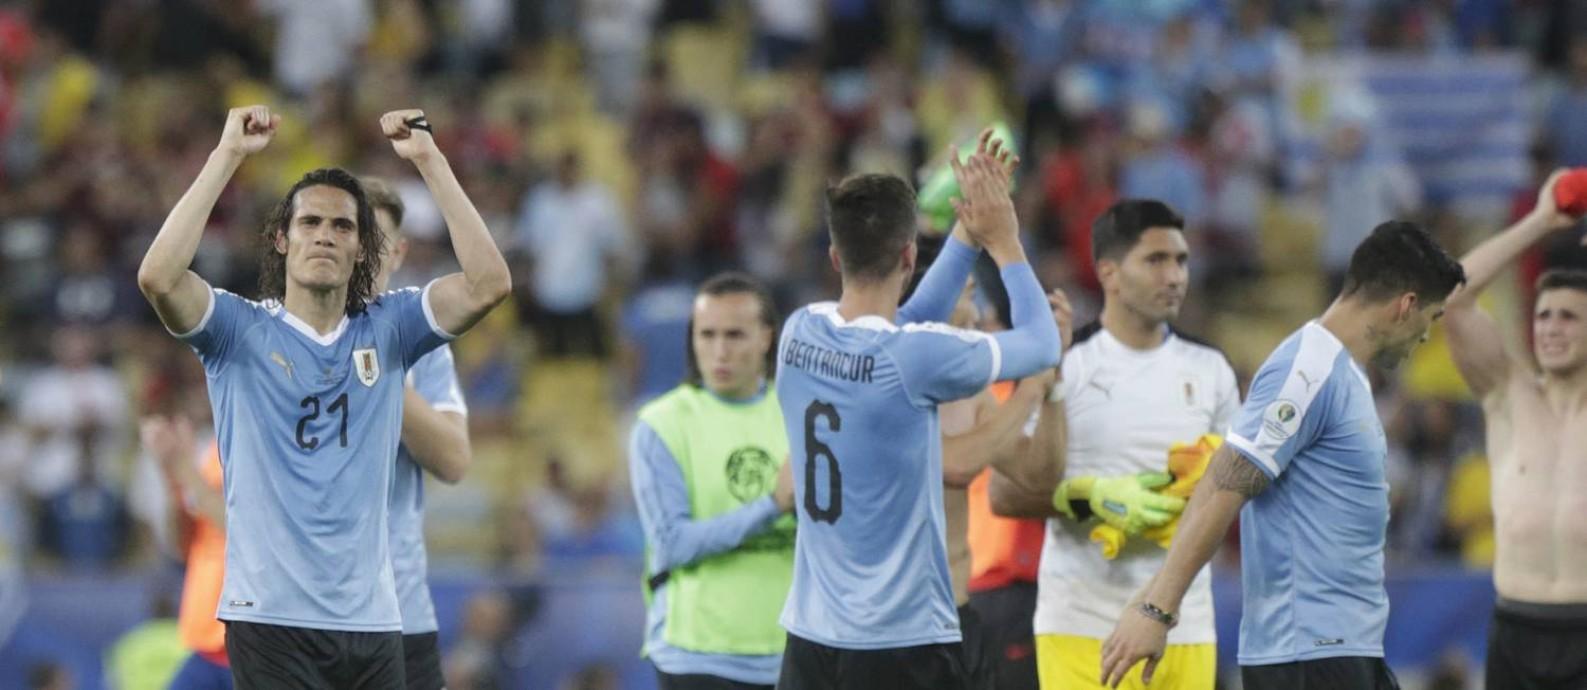 Cavani, à esquerda, comemora a vitória do Uruguai sobre o Chile no Maracanã Foto: Roberto Moreyra / Agência O Globo